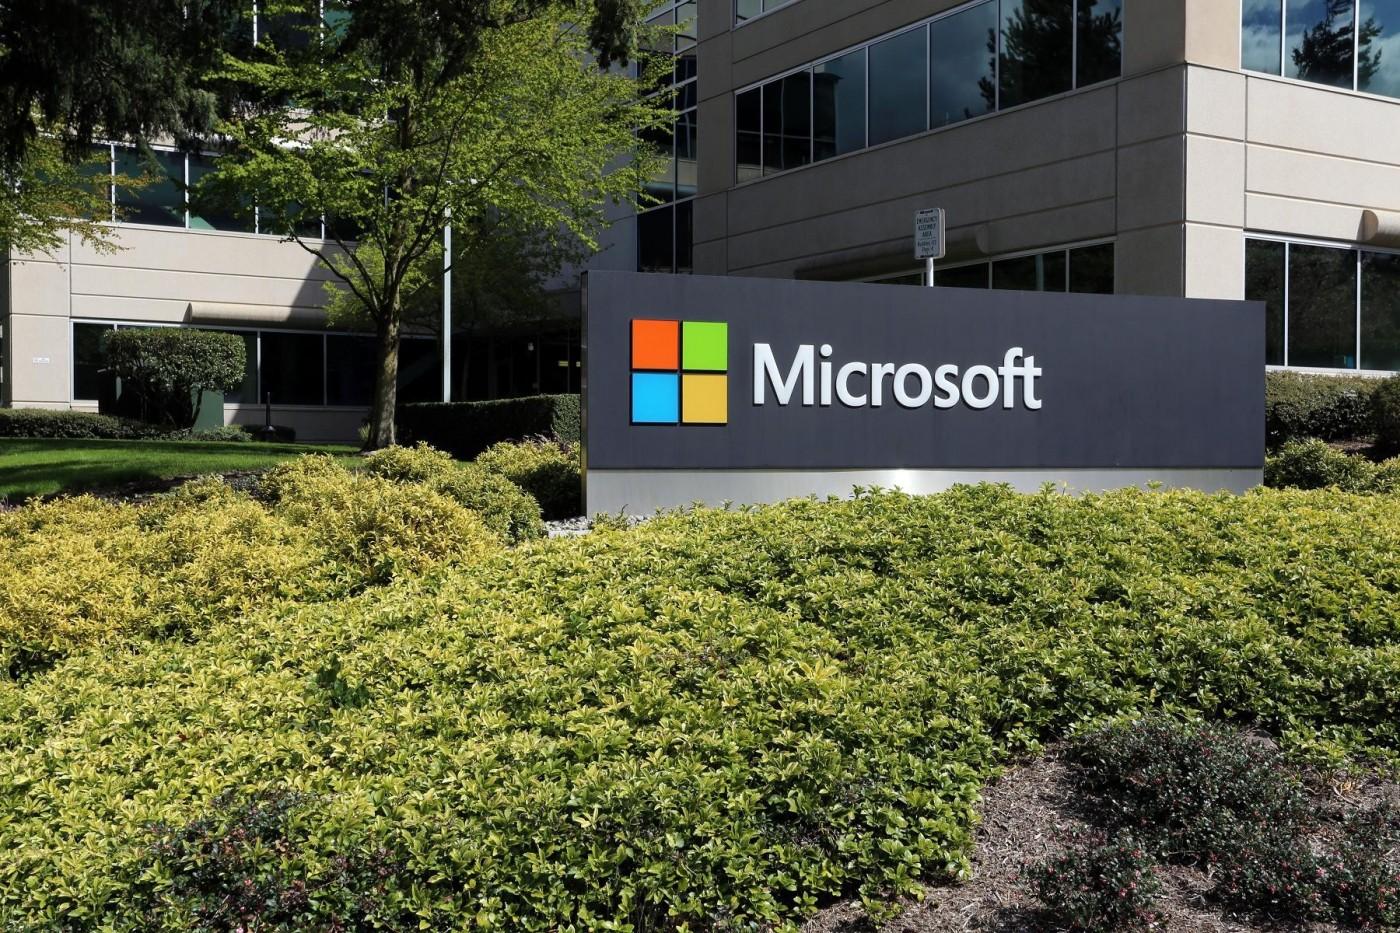 搭雲端服務快車,微軟衝上市值破兆美元的科技企業